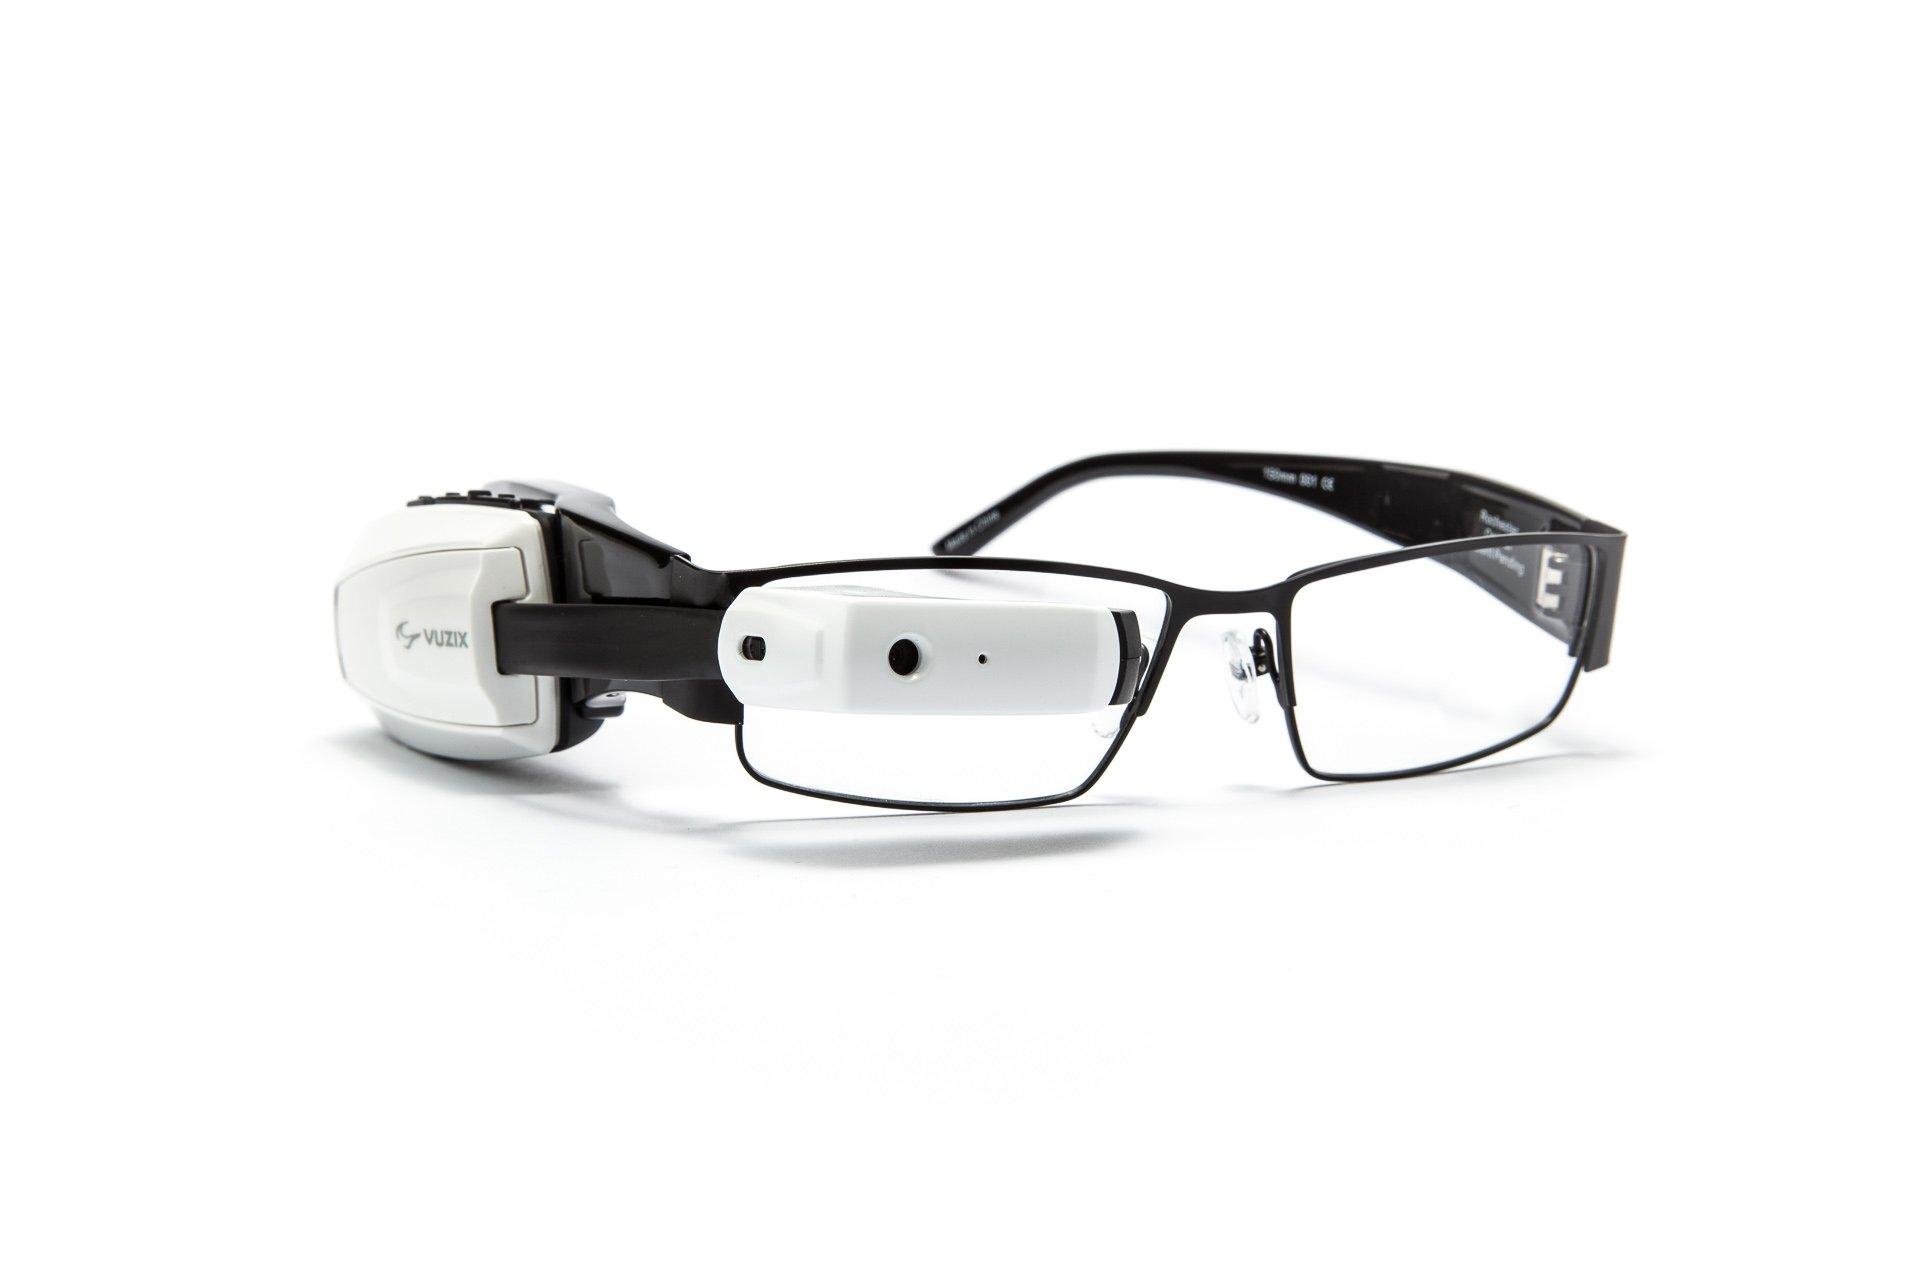 Vuzix M100 Smart Glasses (White) by Vuzix